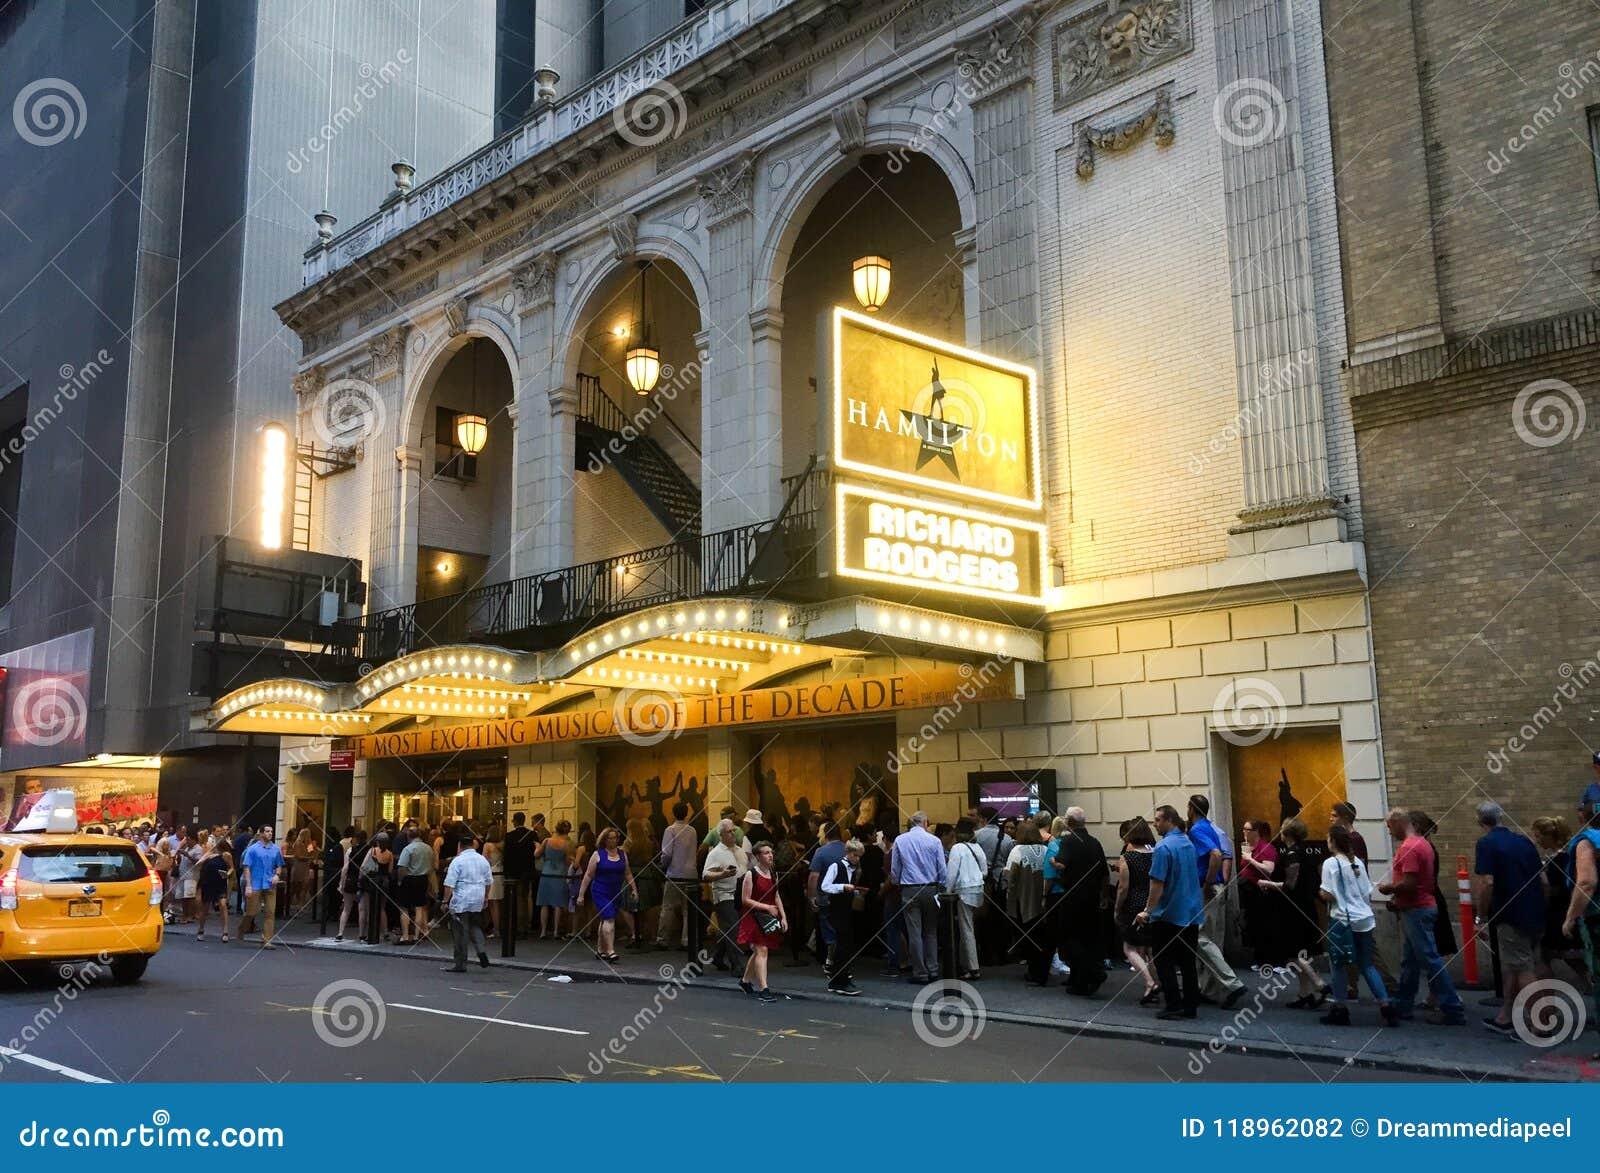 Hamilton at Richard Rogers Theater, New York City,NY